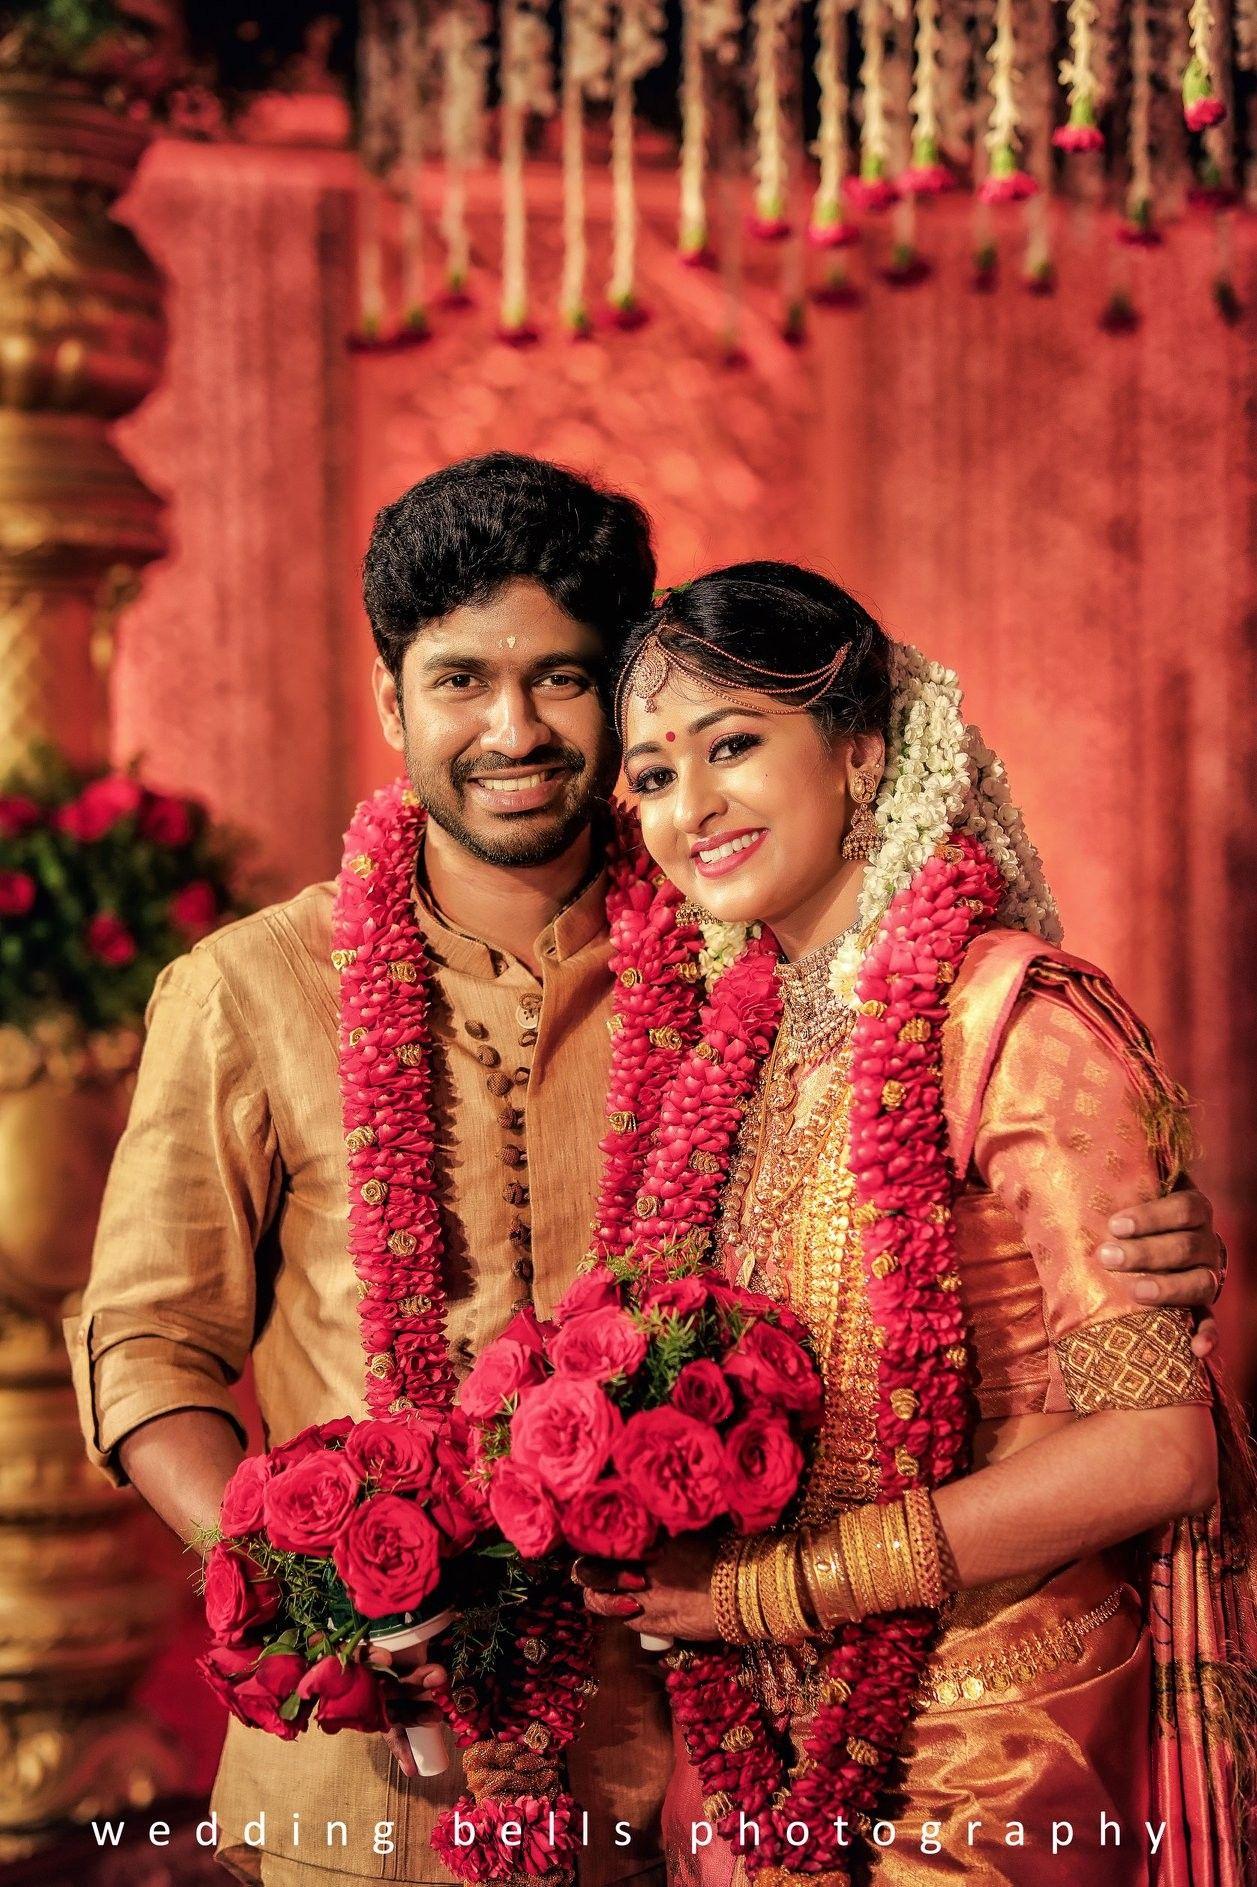 Pin by Almeena on Couples Hindu bride, Kerala bride, Fun